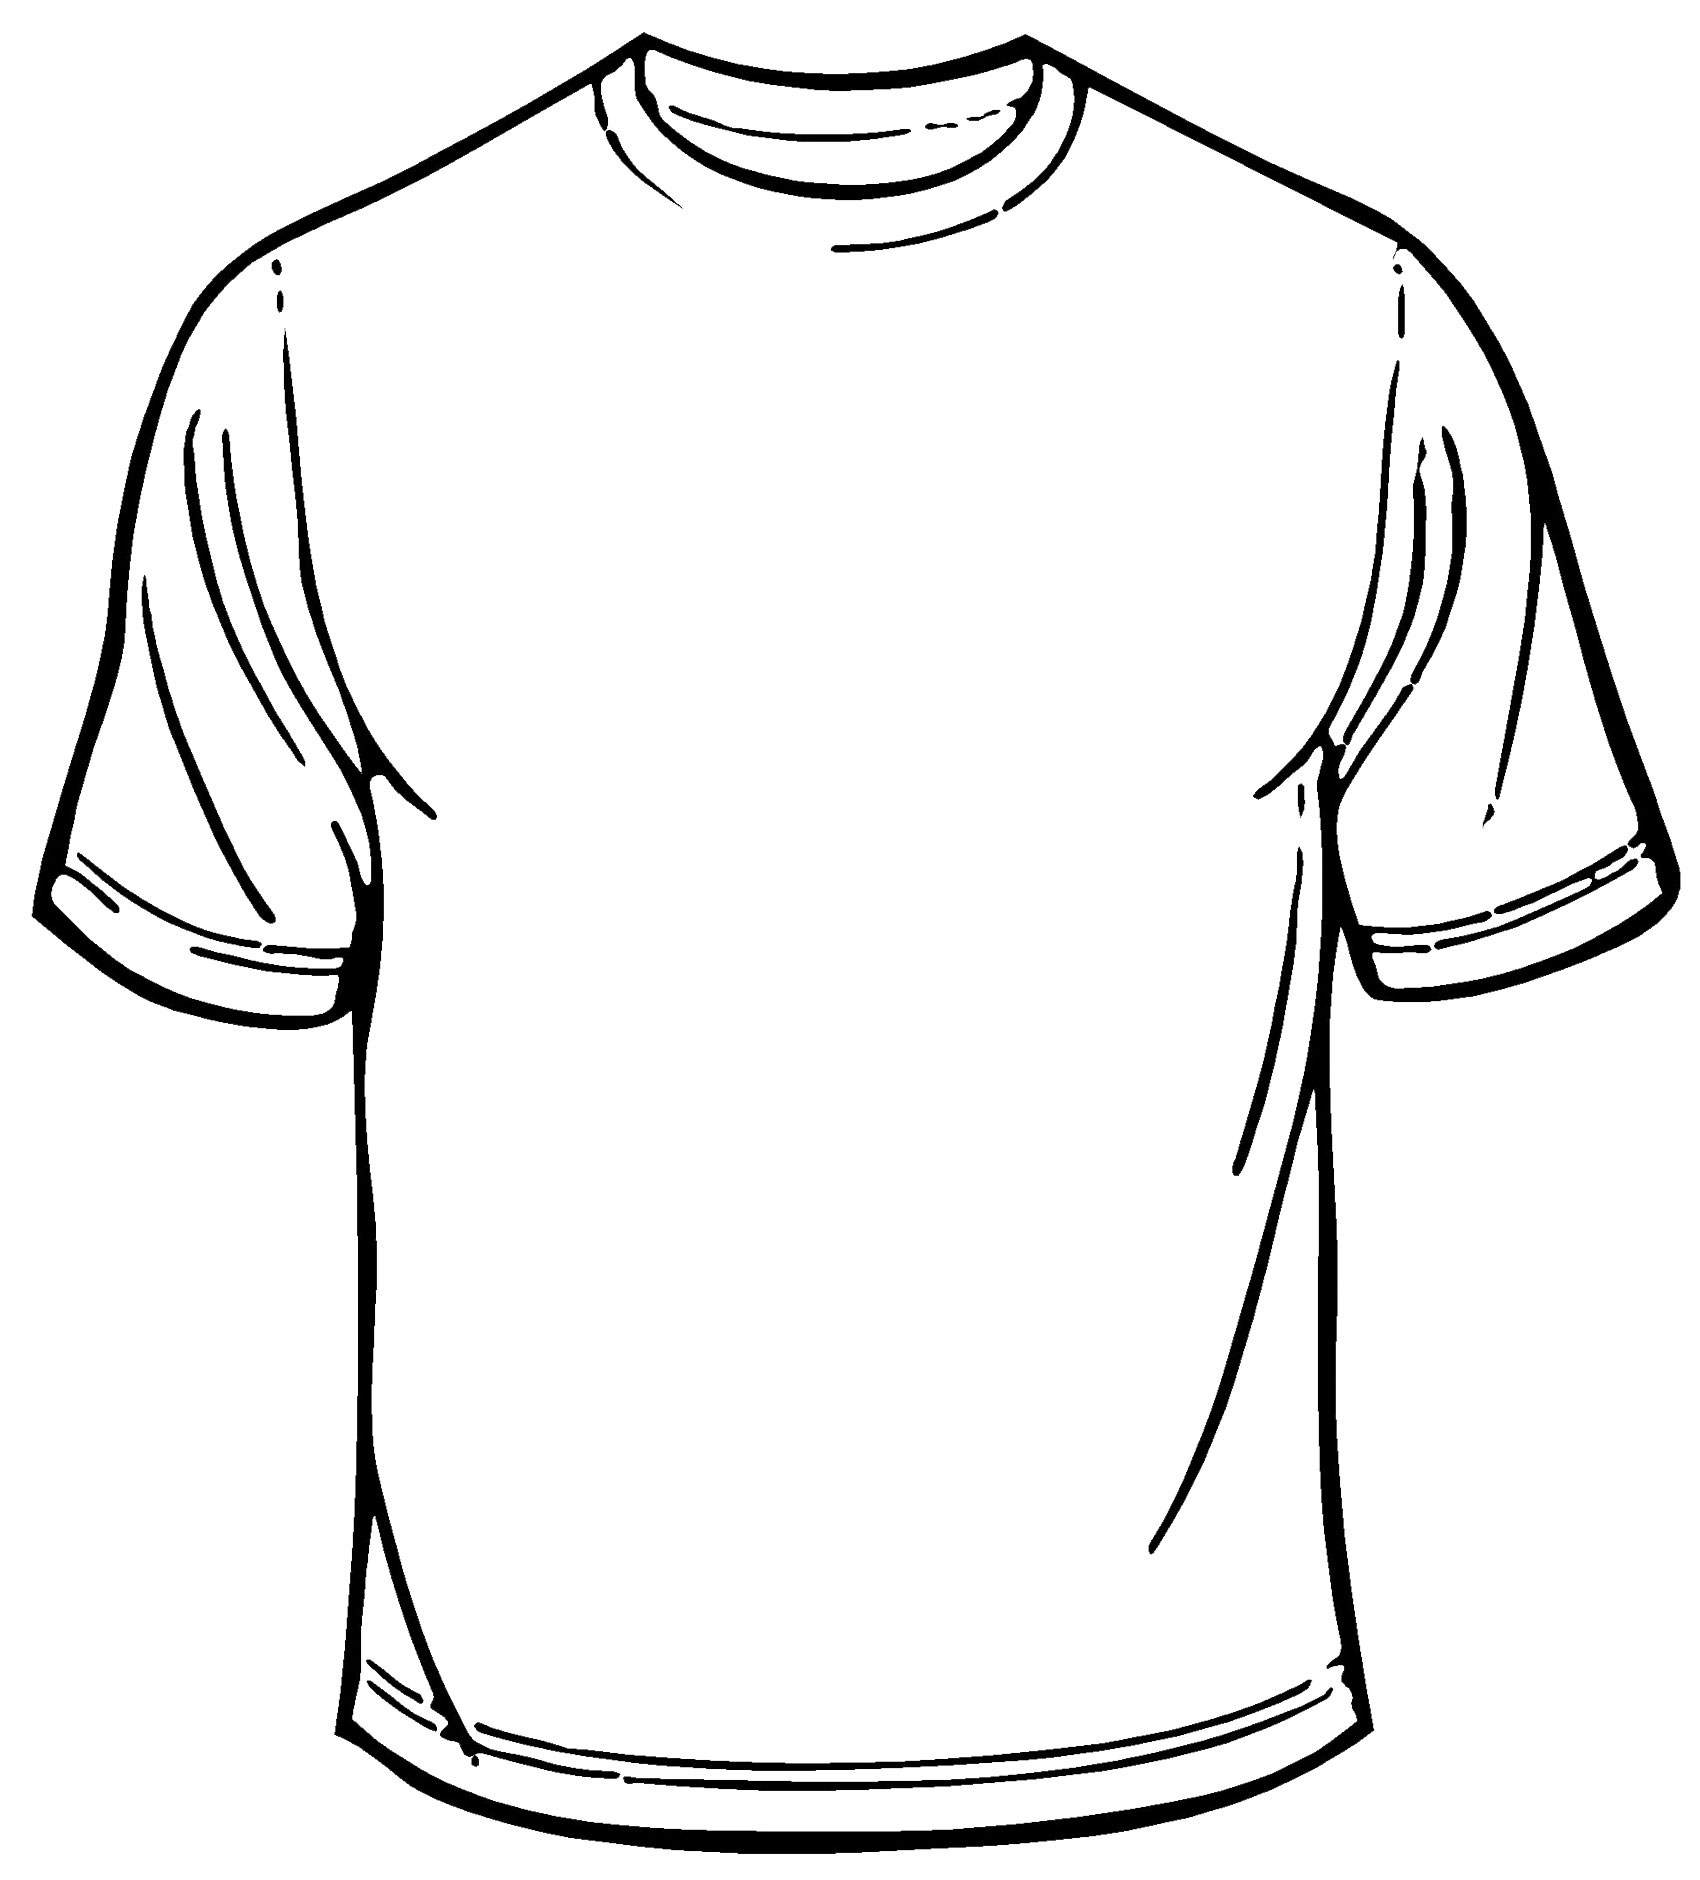 T Shirt Outline Printable